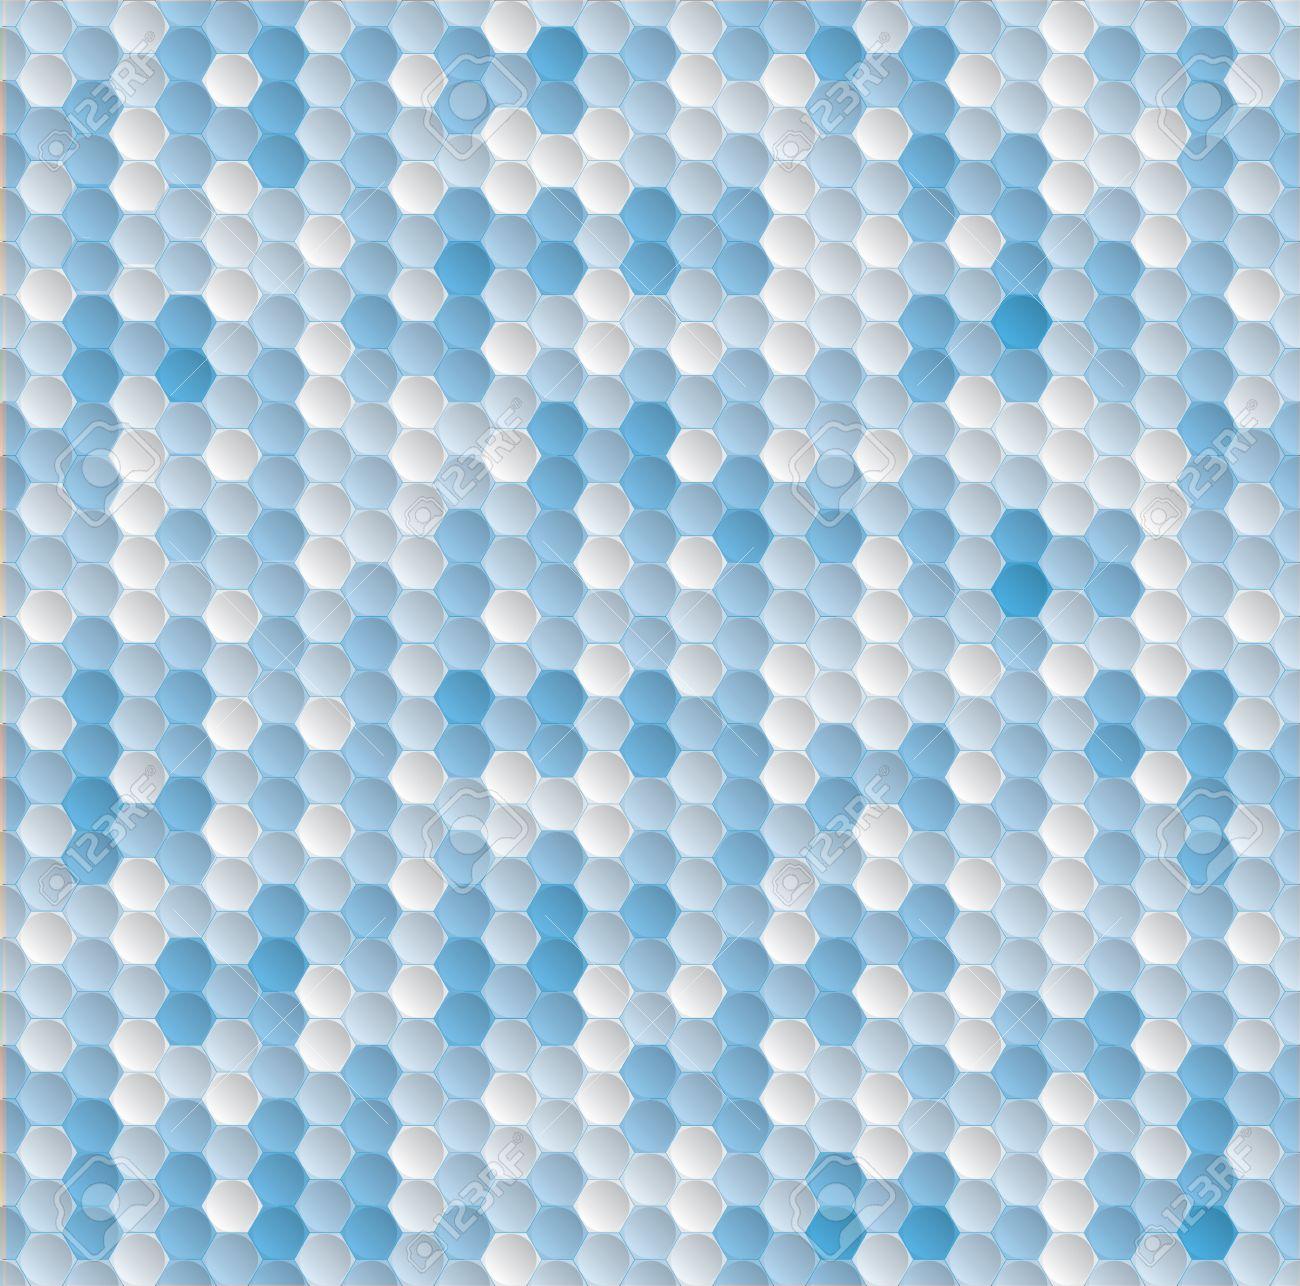 Pelota De Golf Sin Patron De Color Azul Celeste Para El Fondo - Color-azul-celeste